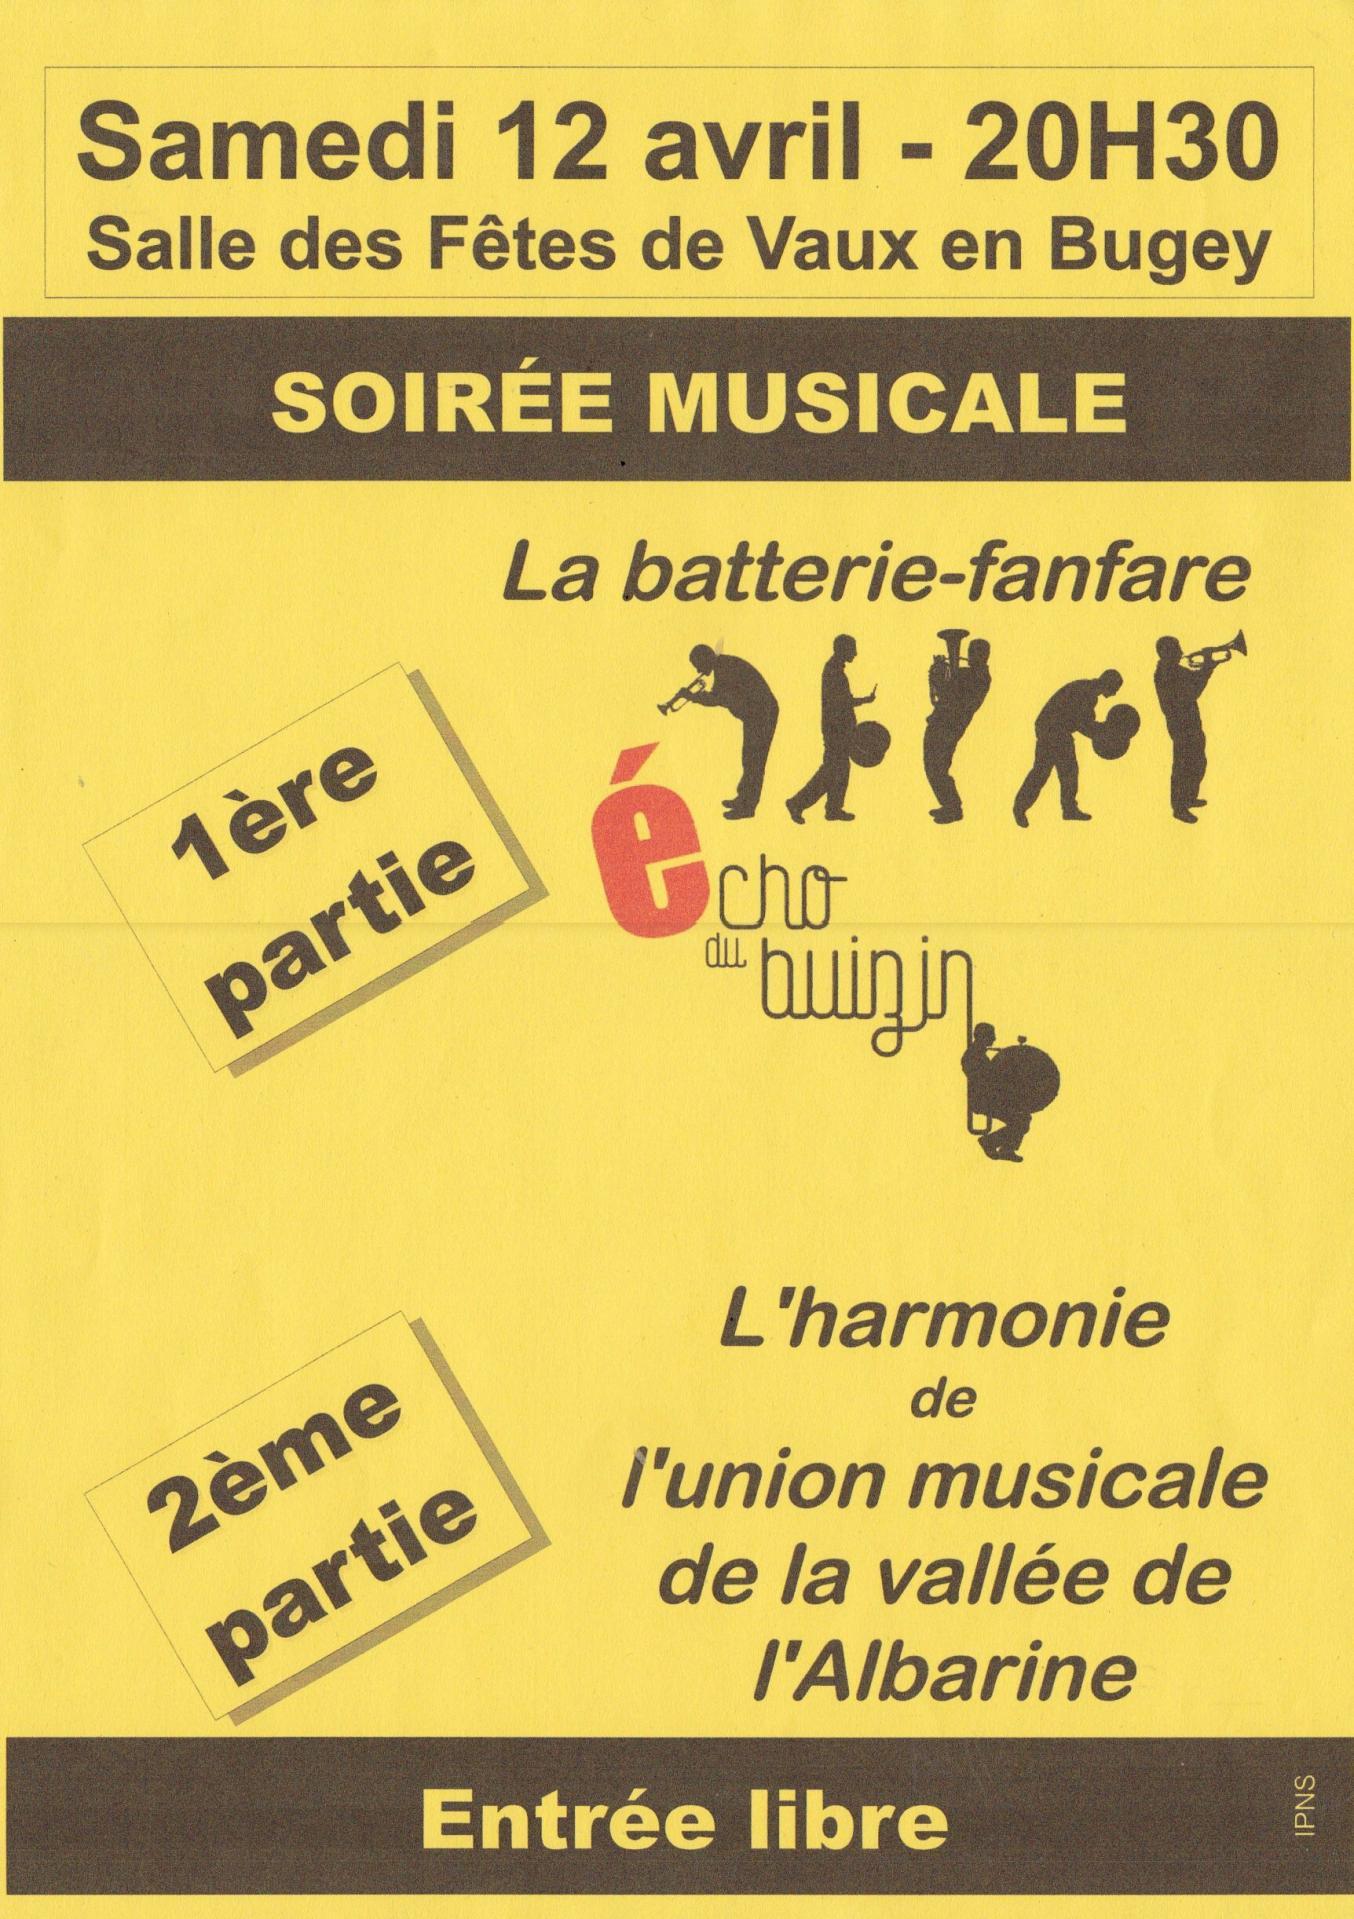 Concert echo du buizin et Union Musicale Albarine